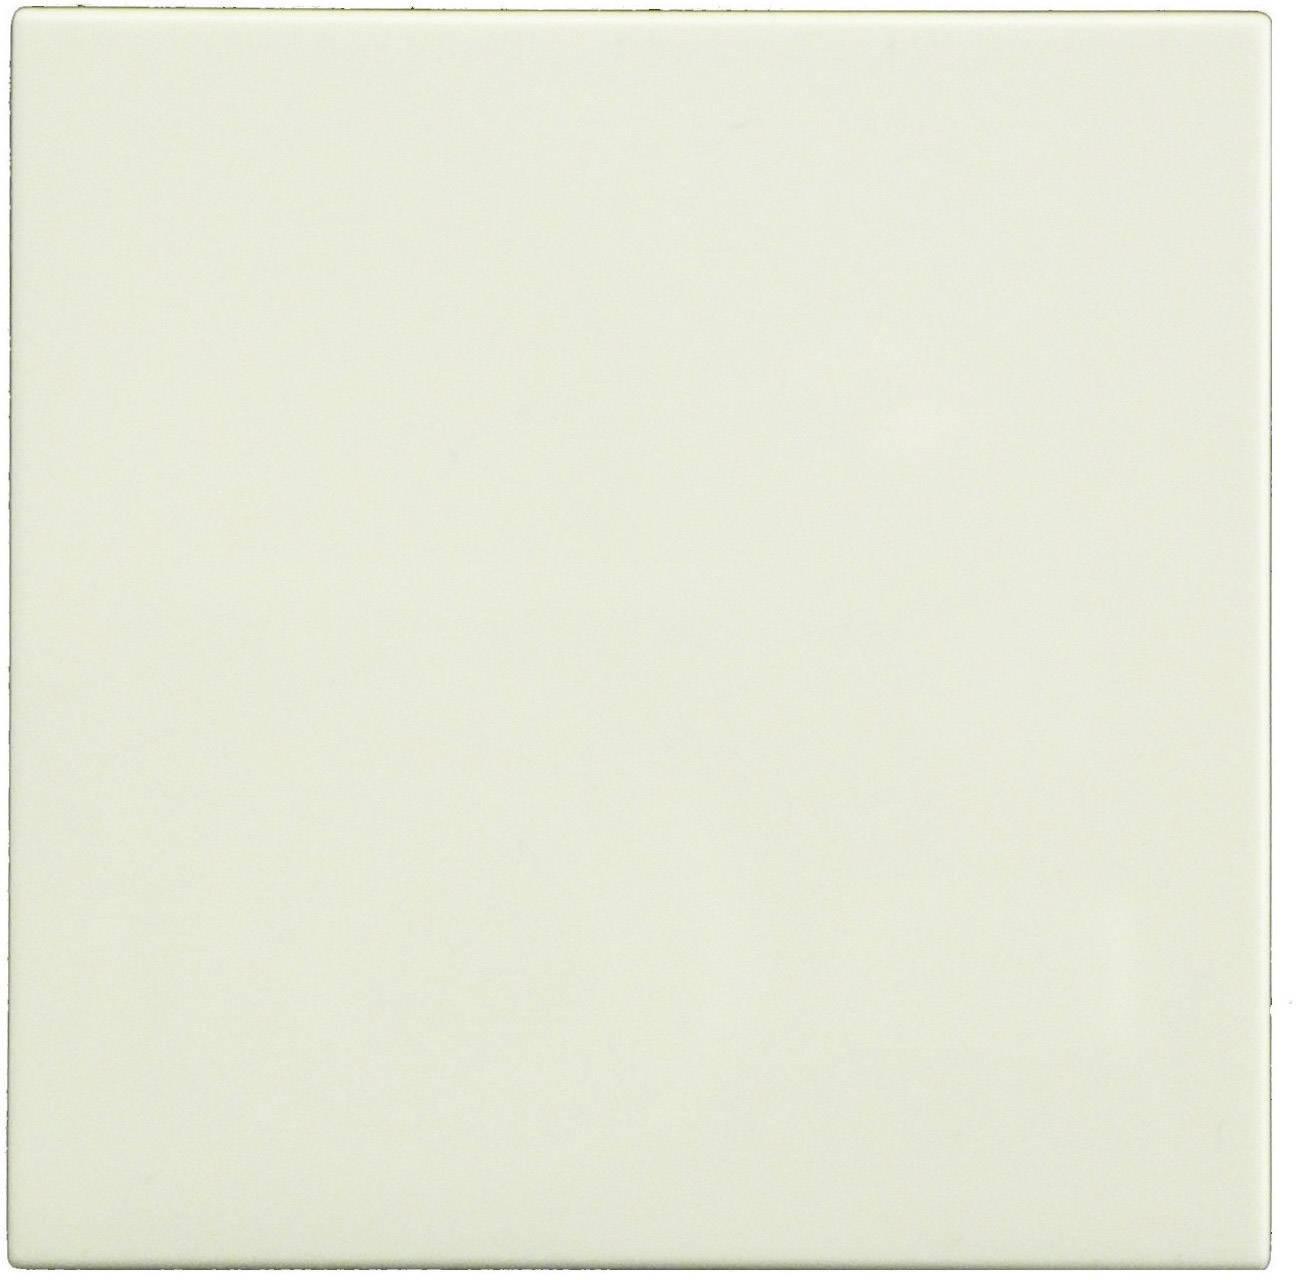 Krytka stmívače Gira SYS2000, standard 55, zářivě bílá (065503)